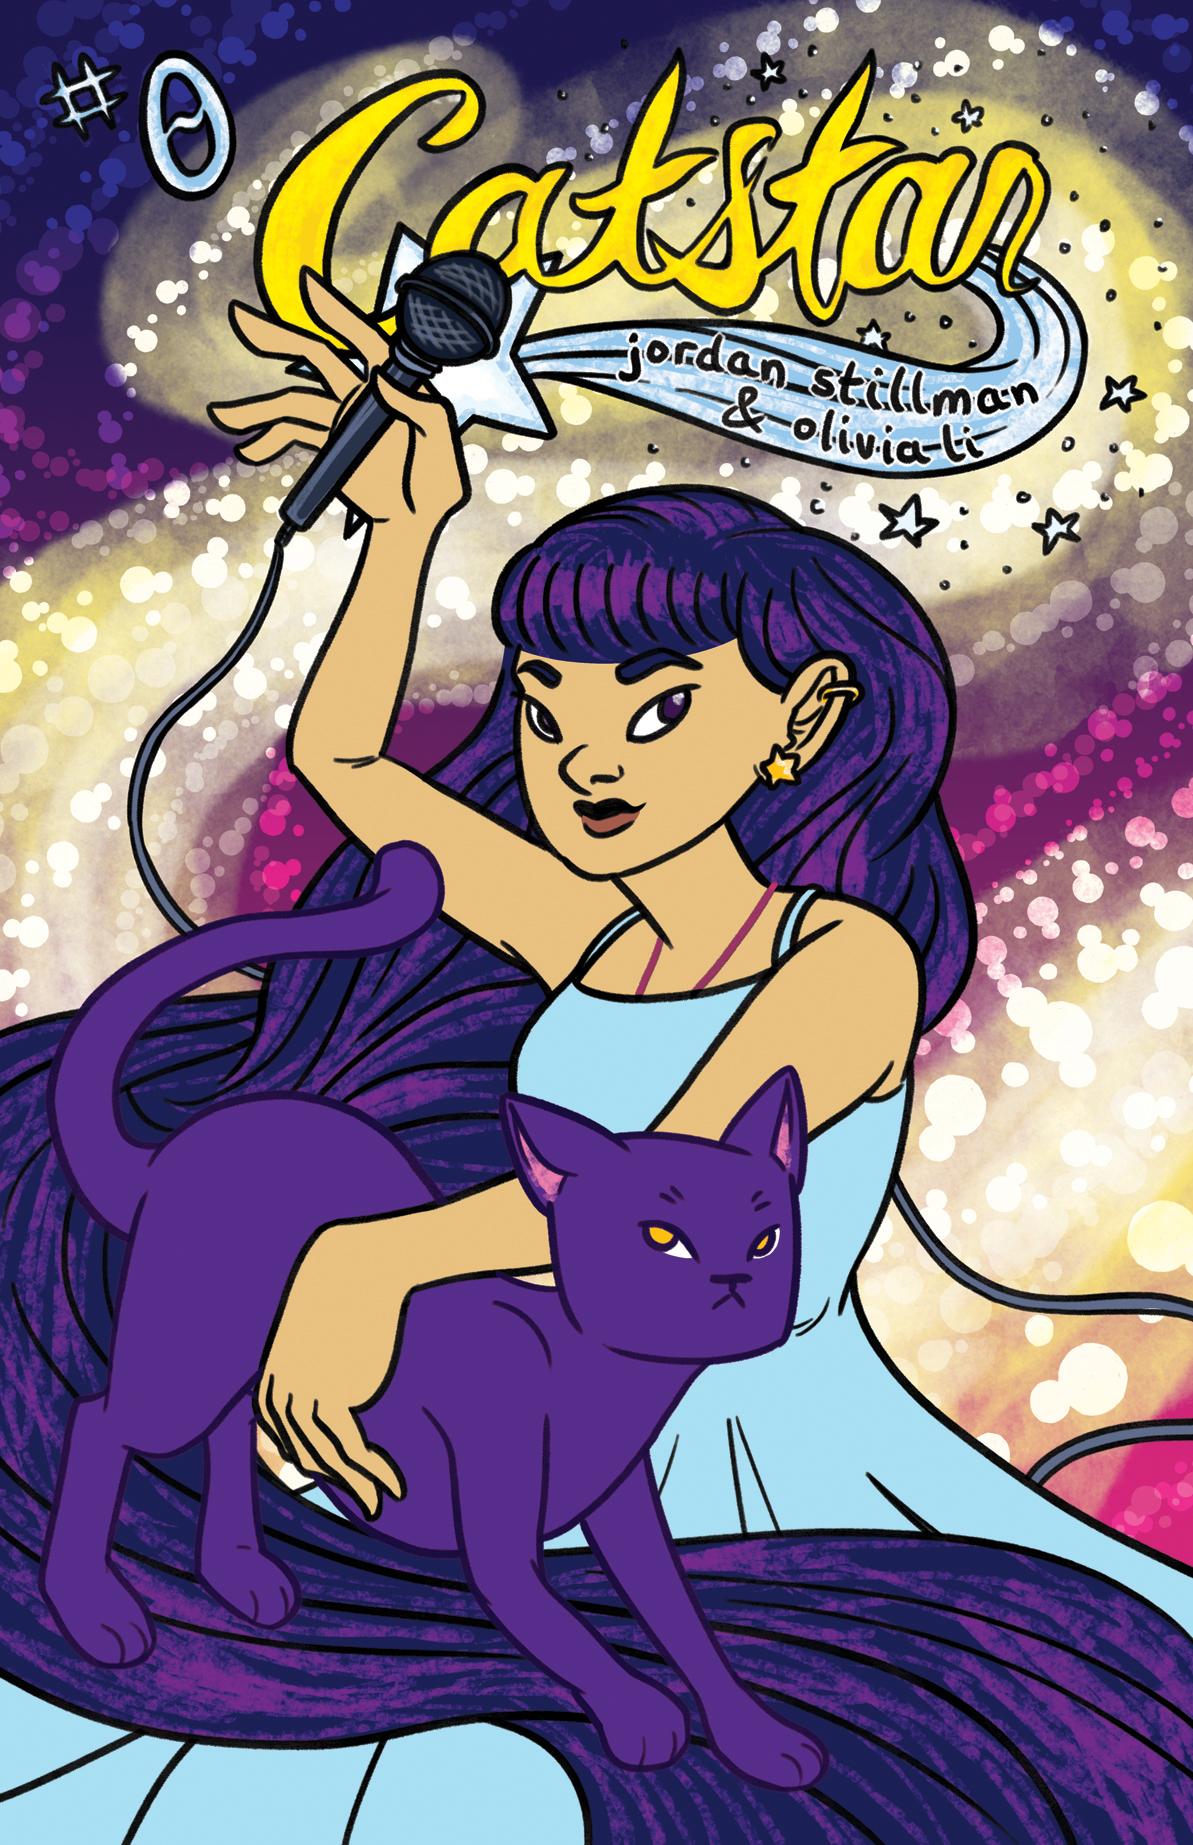 Catstar #0 cover